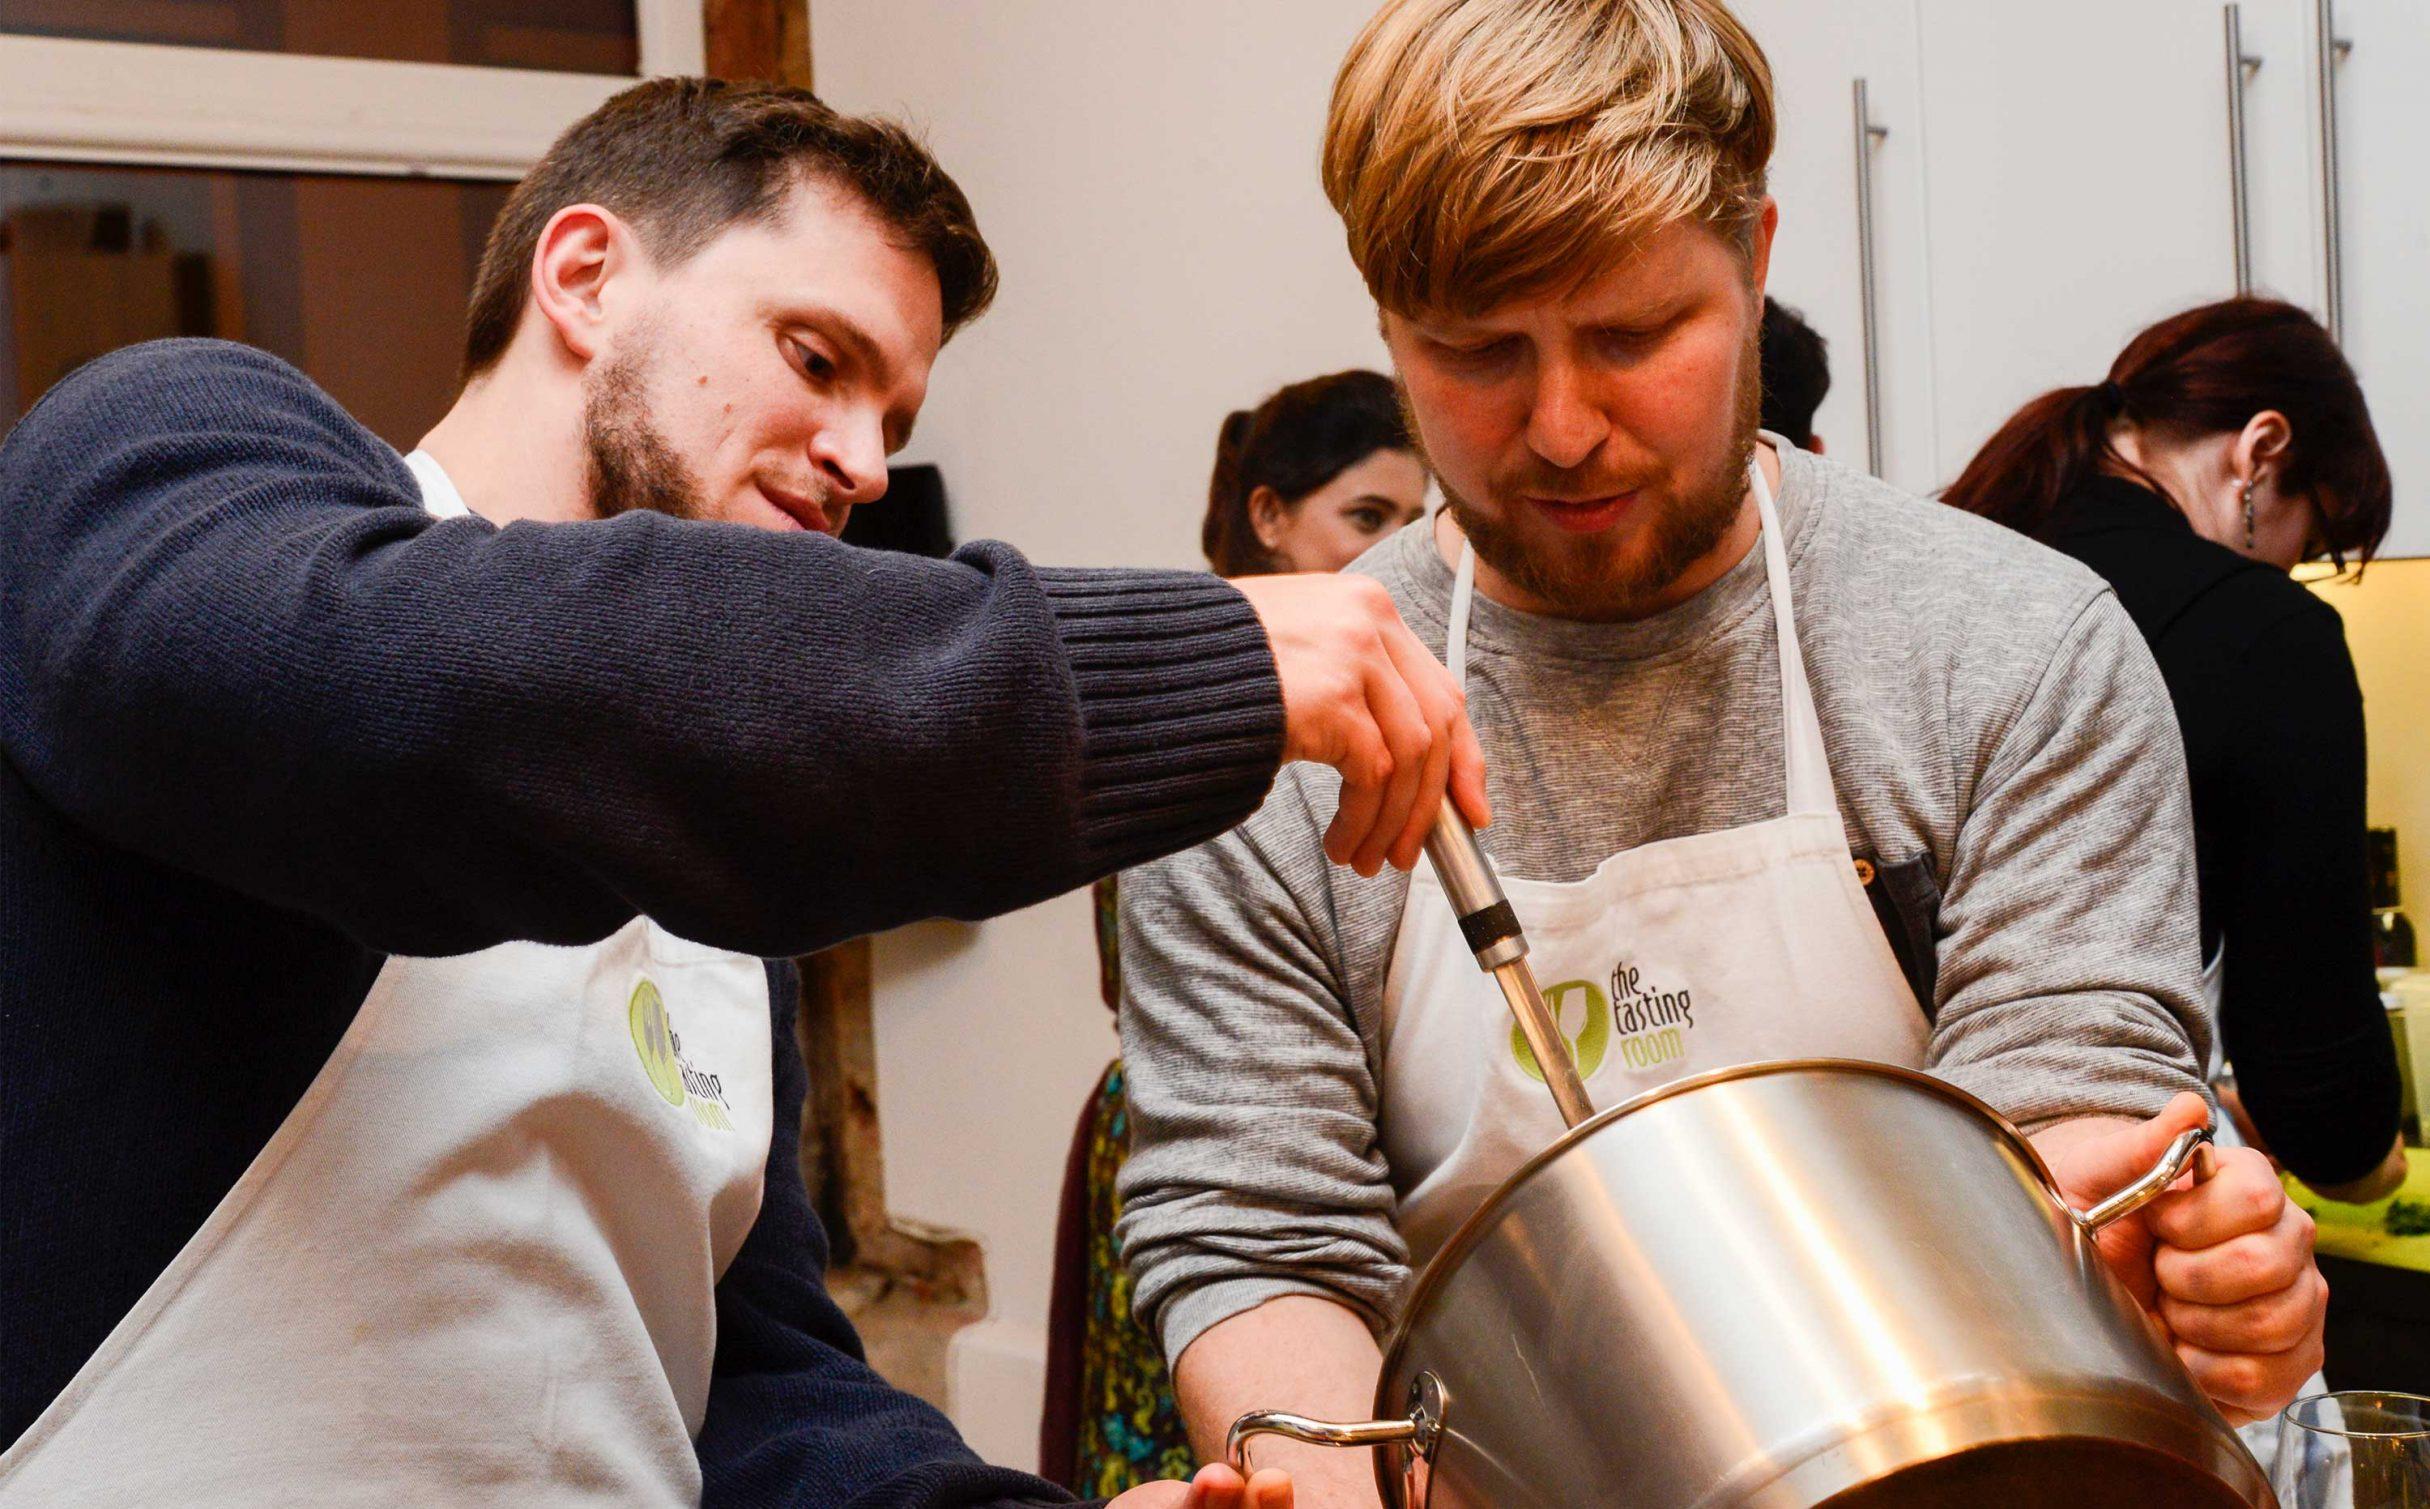 Weihnachtsfeier 2017, Kochevent bei the tasting room: DIE NEUDENKER® Agentur, Darmstadt